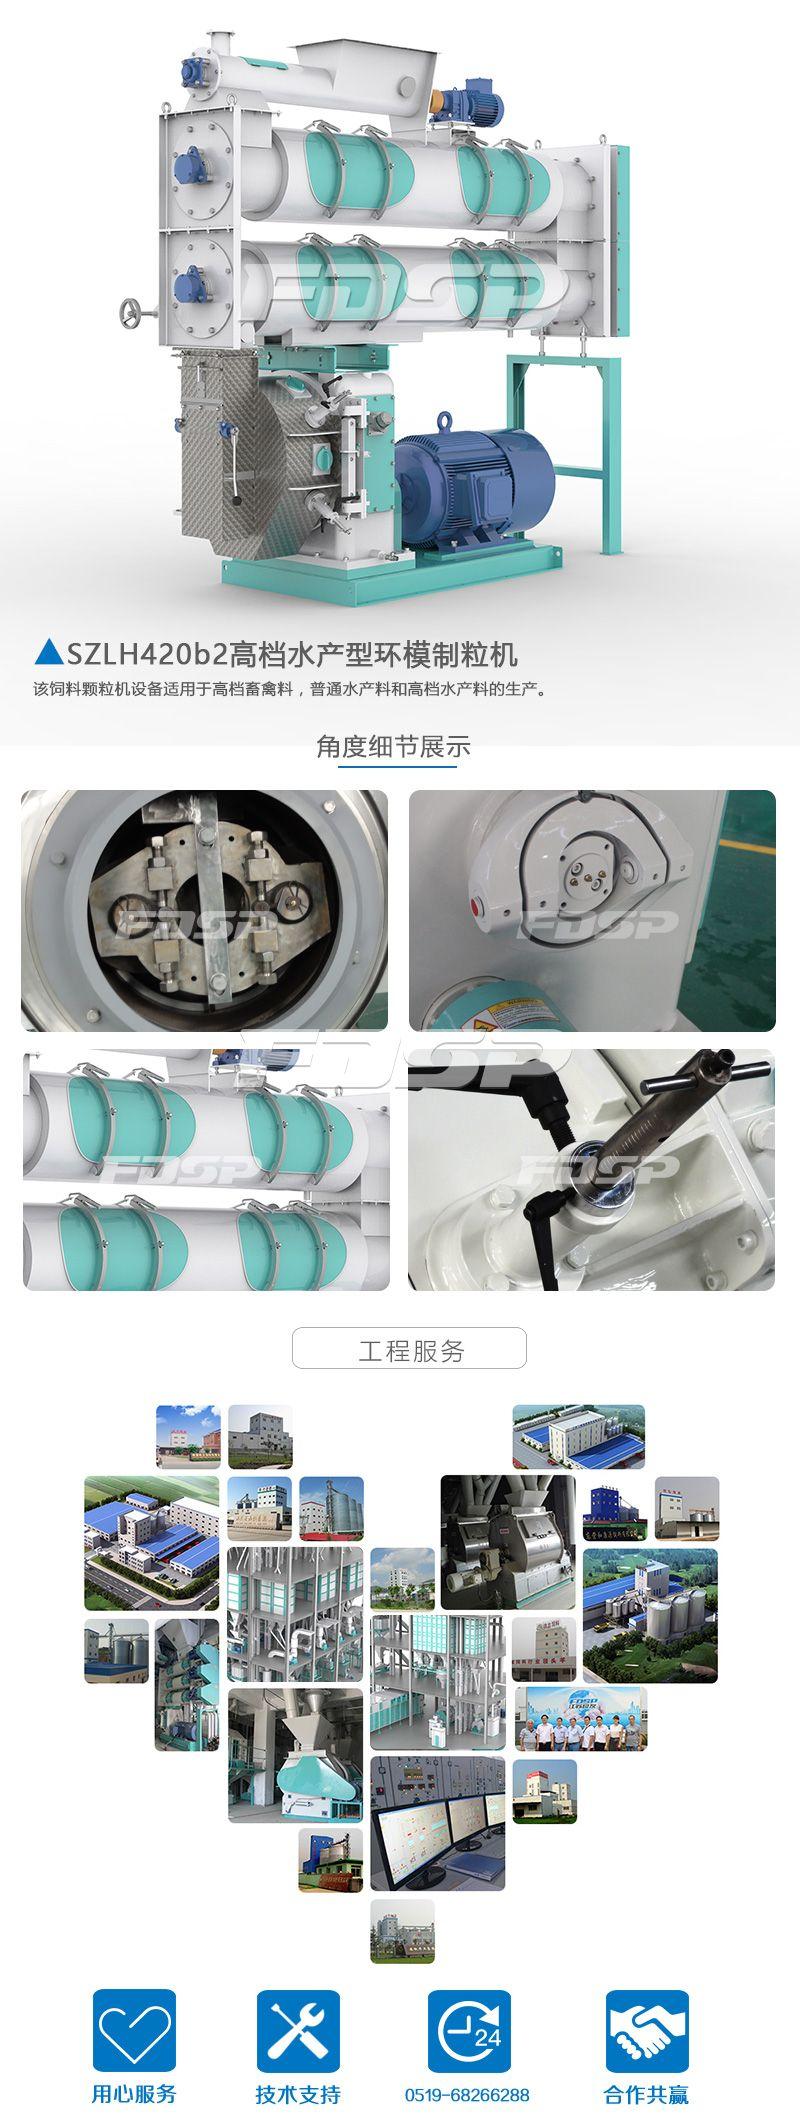 Equipo de procesamiento de piensos granuladora de piensos para acuicultura serie SZLH420b2